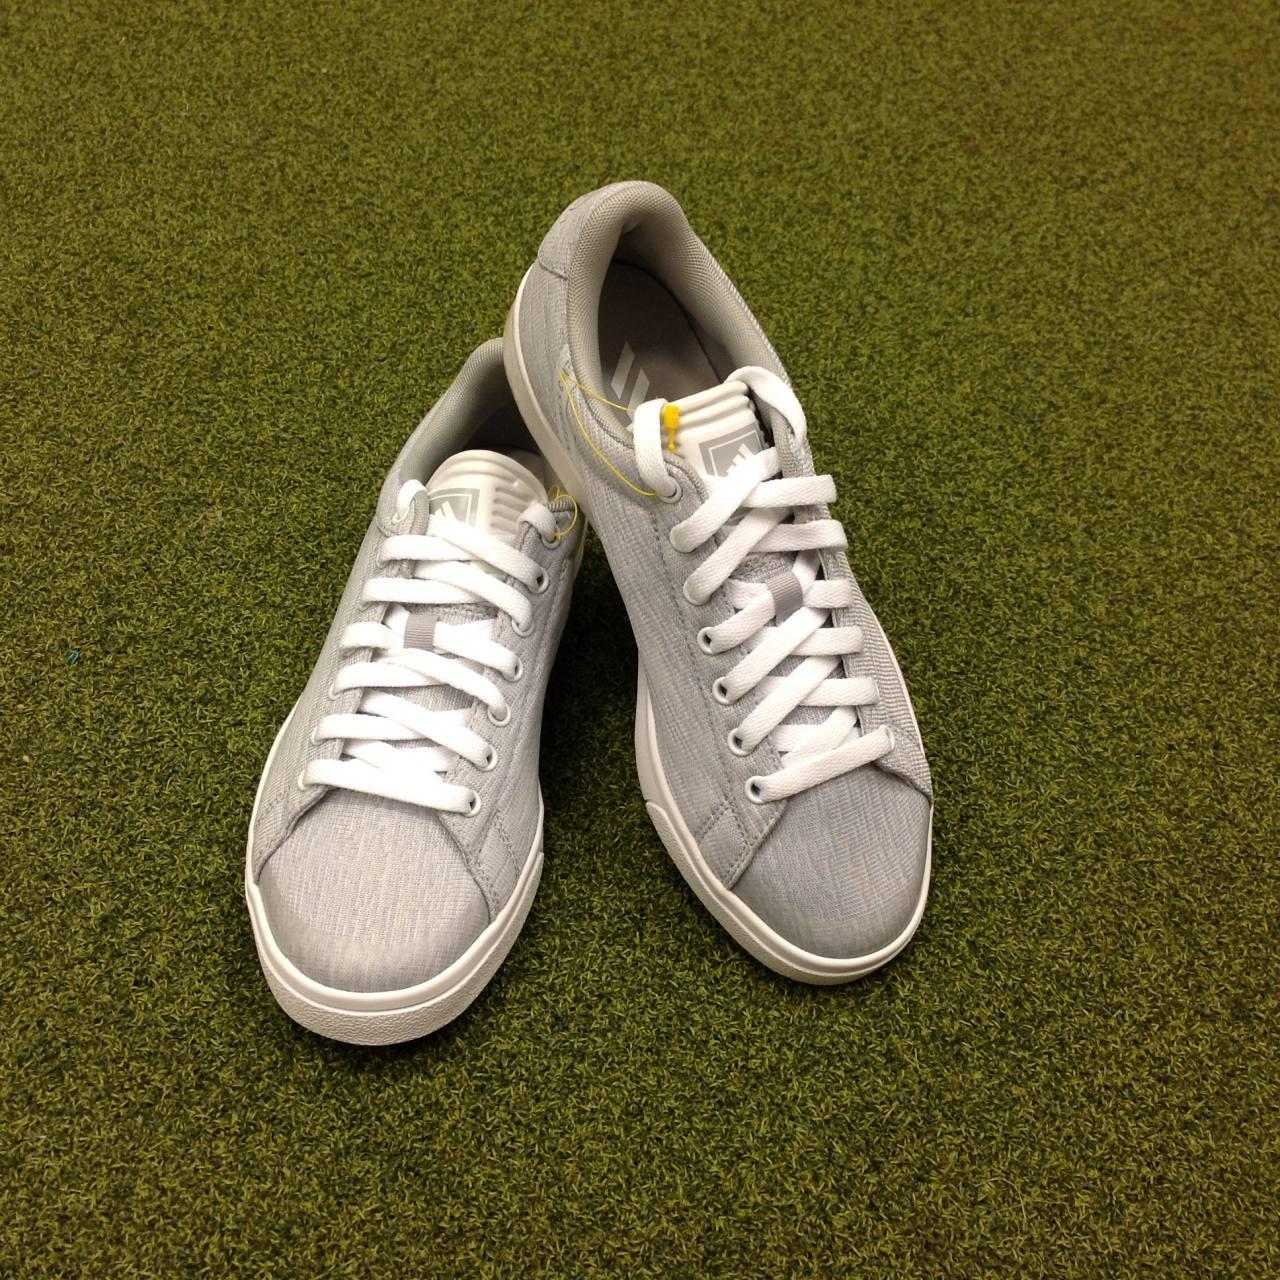 Nuovo Signore Da Adidas Adicross 6 Scarpe Da Signore Golf Uk Dimensioni Noi Dell'unione Europea dfbd79